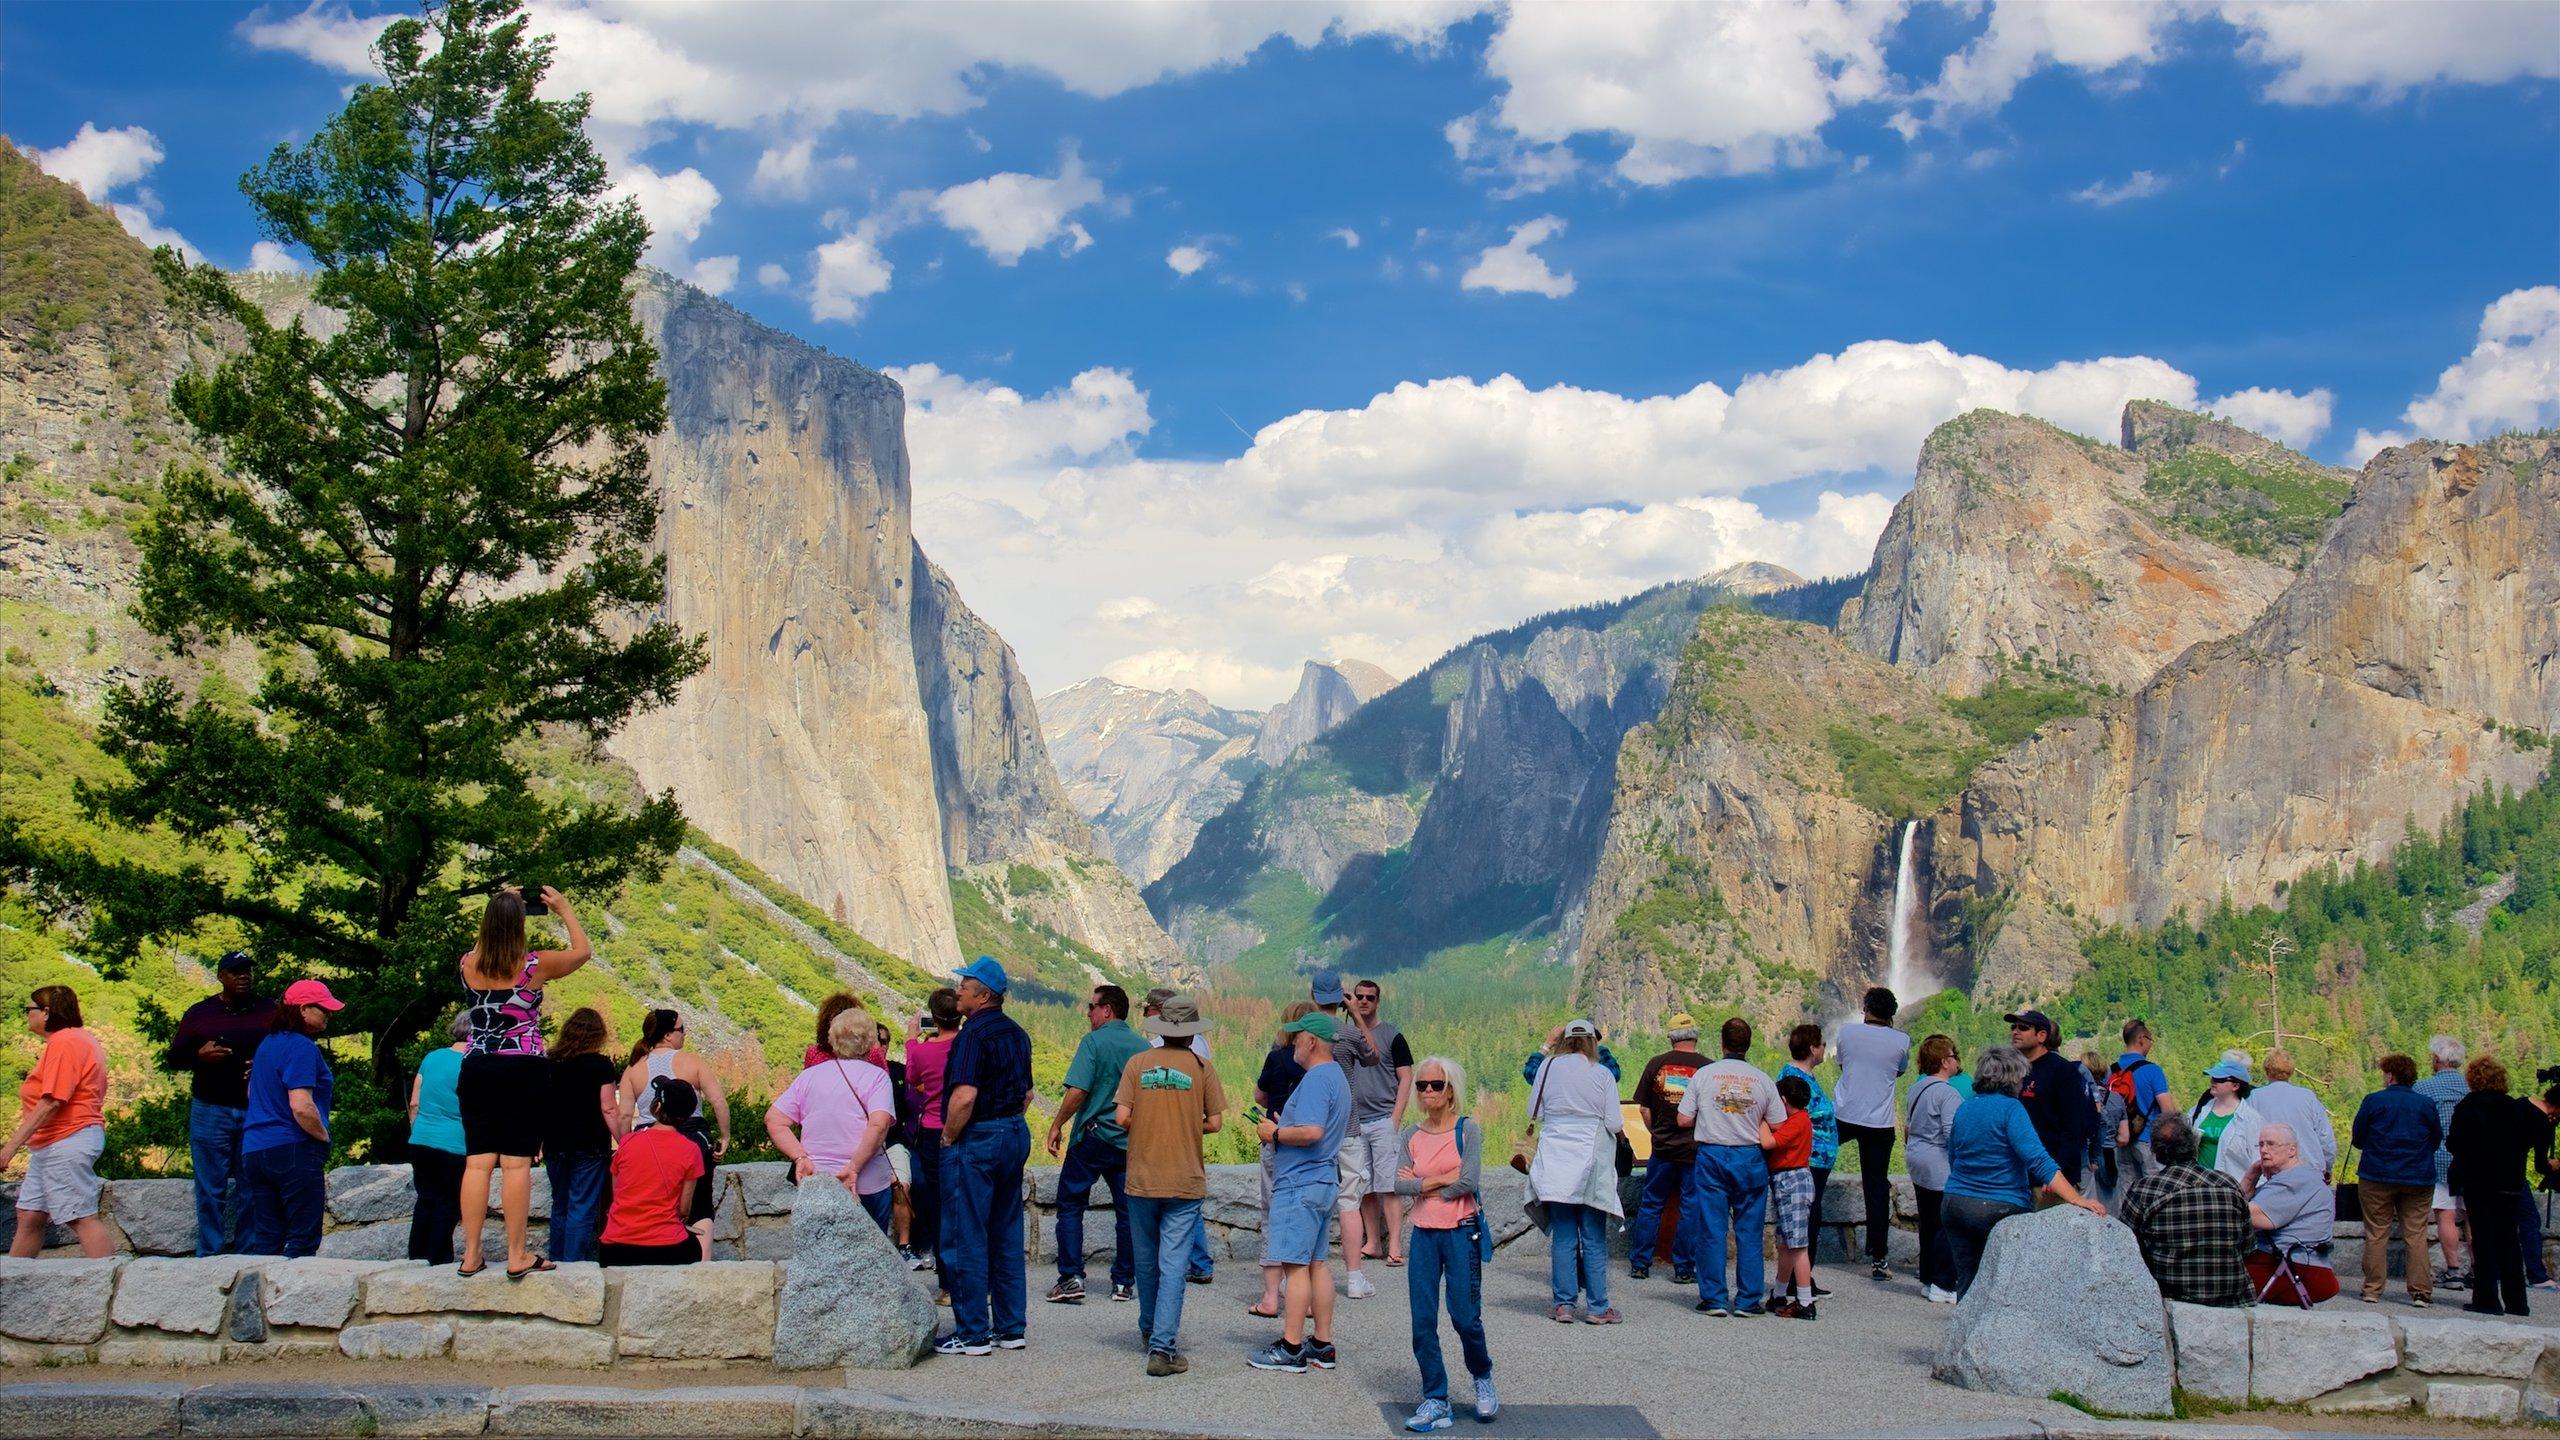 Experimente um dos pontos naturais icônicos da América, uma extensa vista de florestas, cascatas e montanhas de granito monolítico do Yosemite Valley.